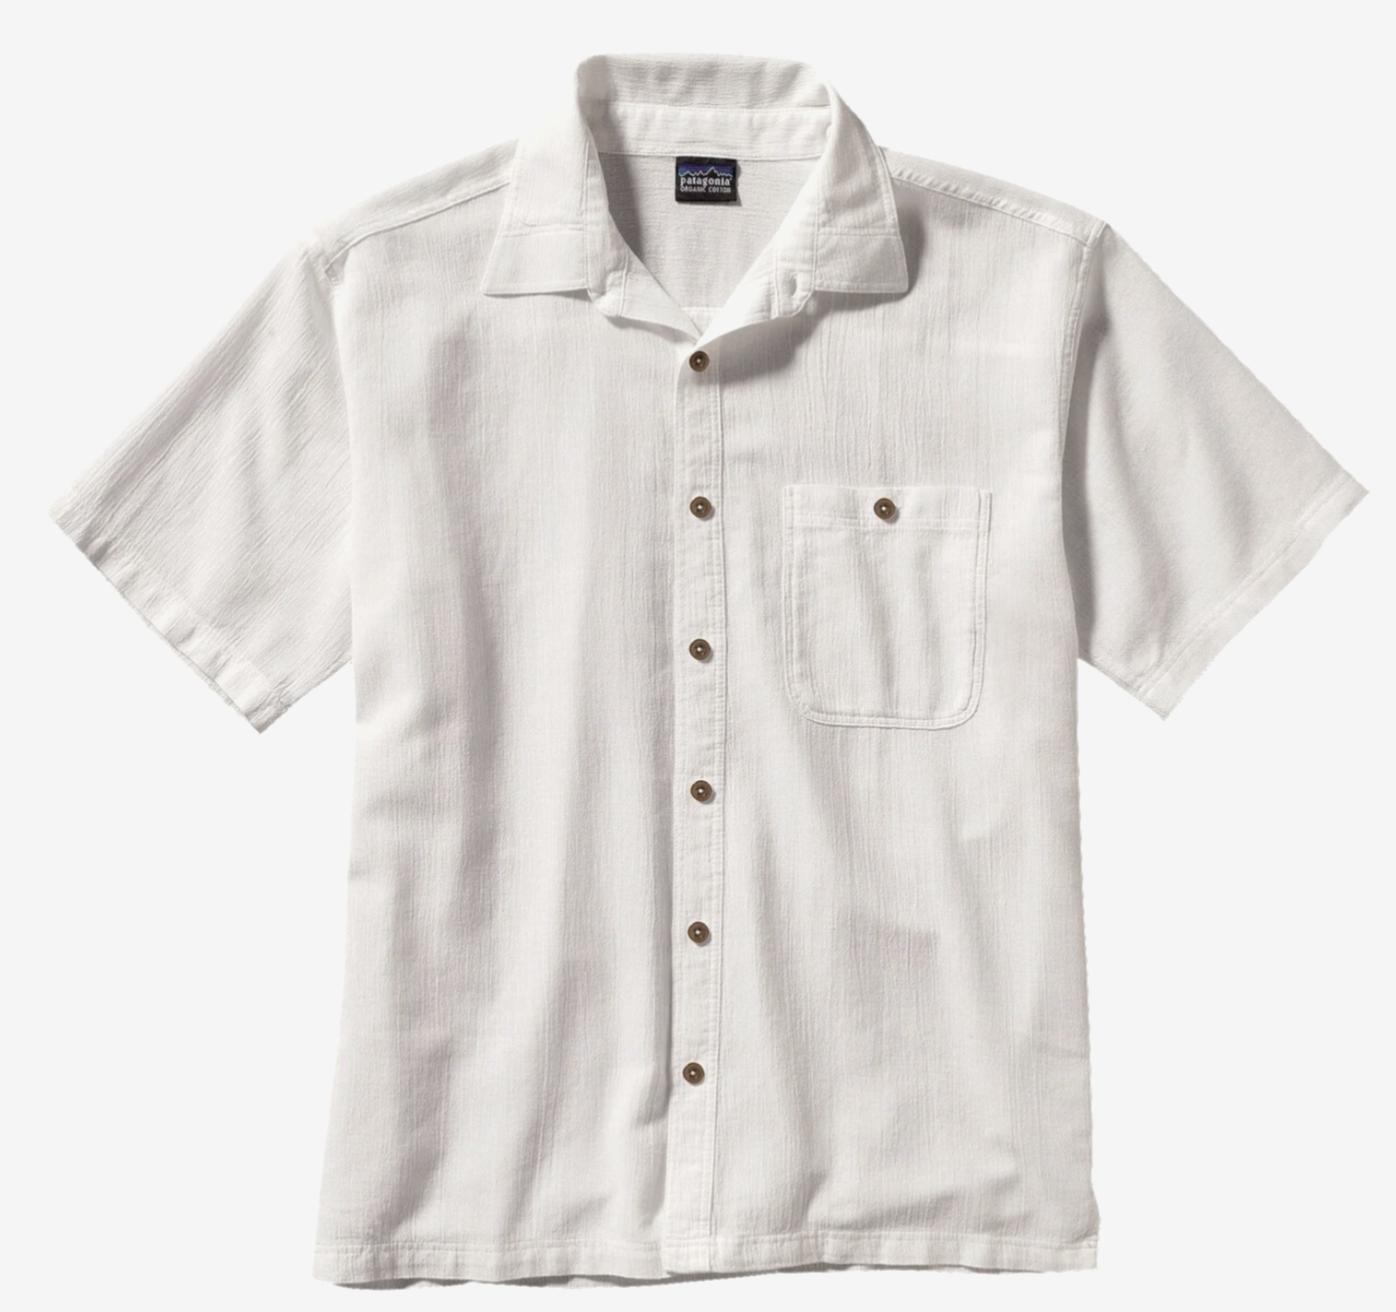 Patagonia A/C Shirt Men's